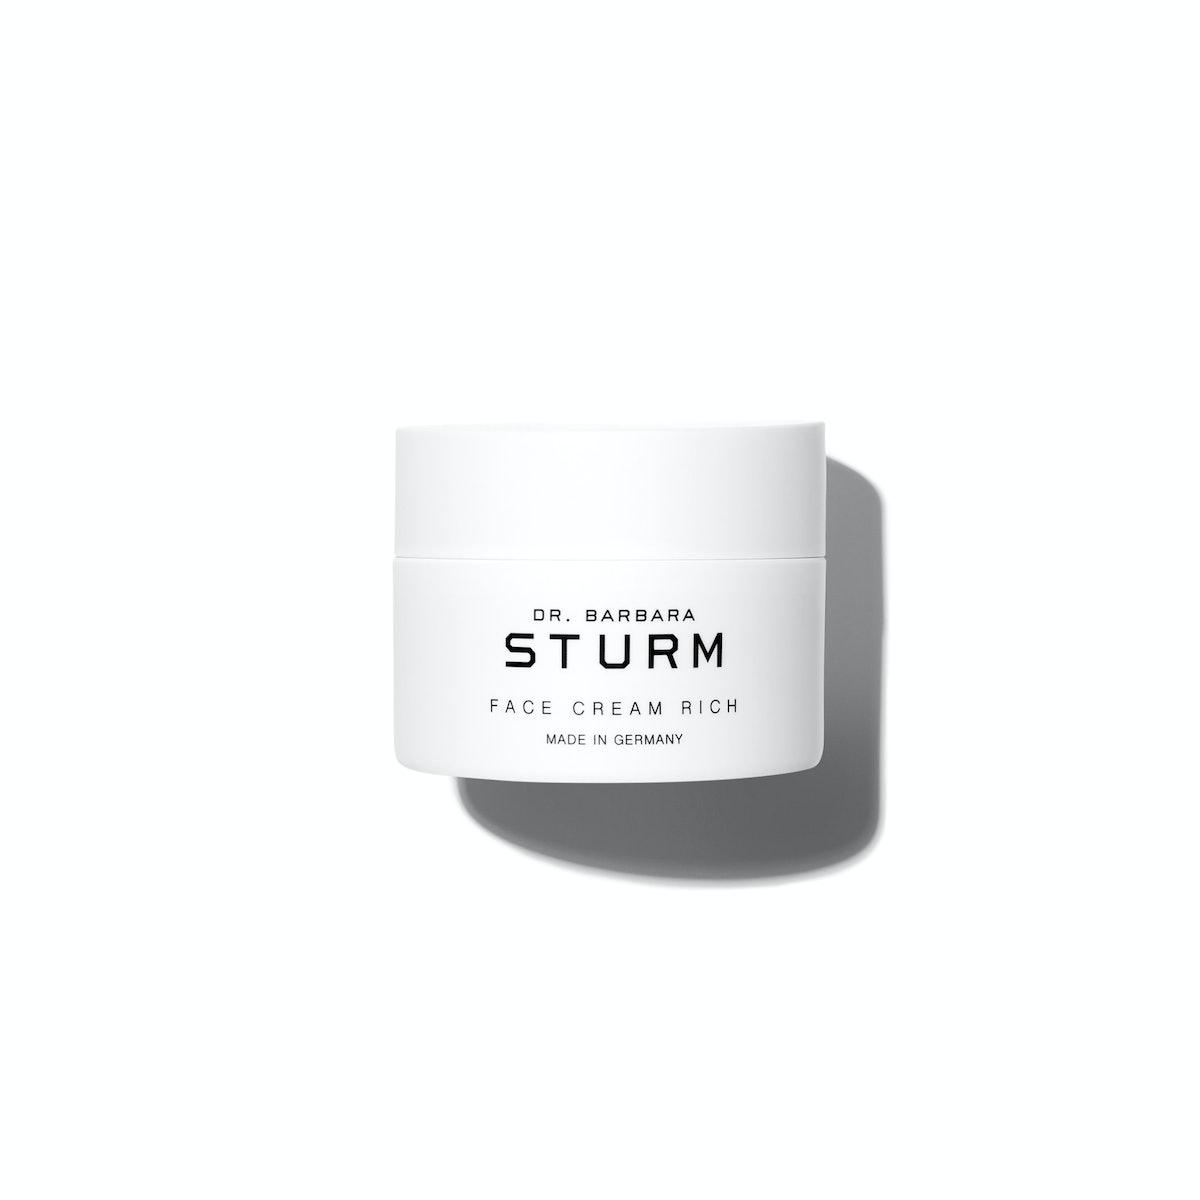 Dr. Barbara Sturm Face Cream Rich